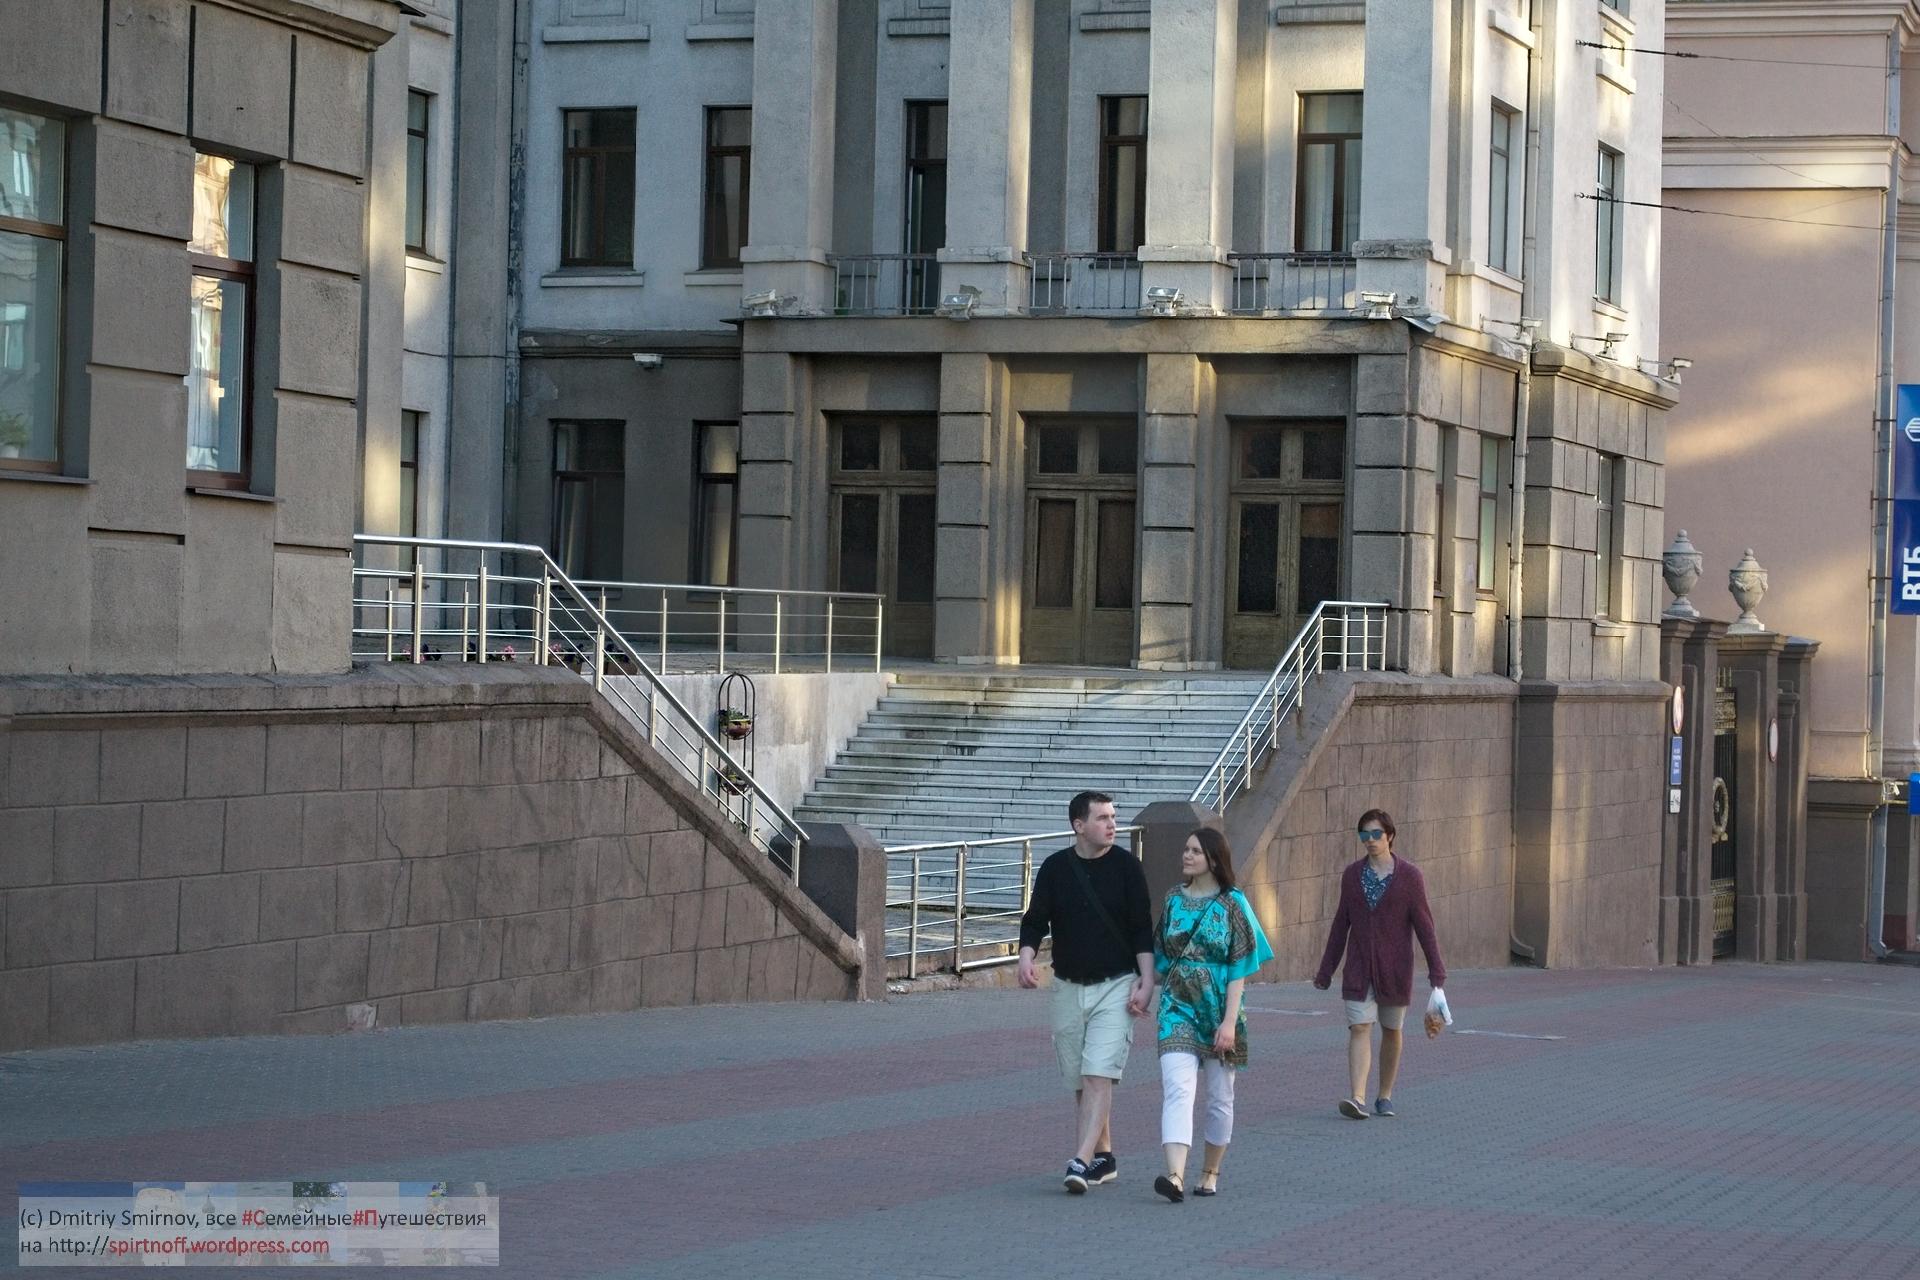 DSC_6855-Blog-68 Путешествия  Минск, Площадь победы, Проспект Независимости, Цирк, Дворец республики